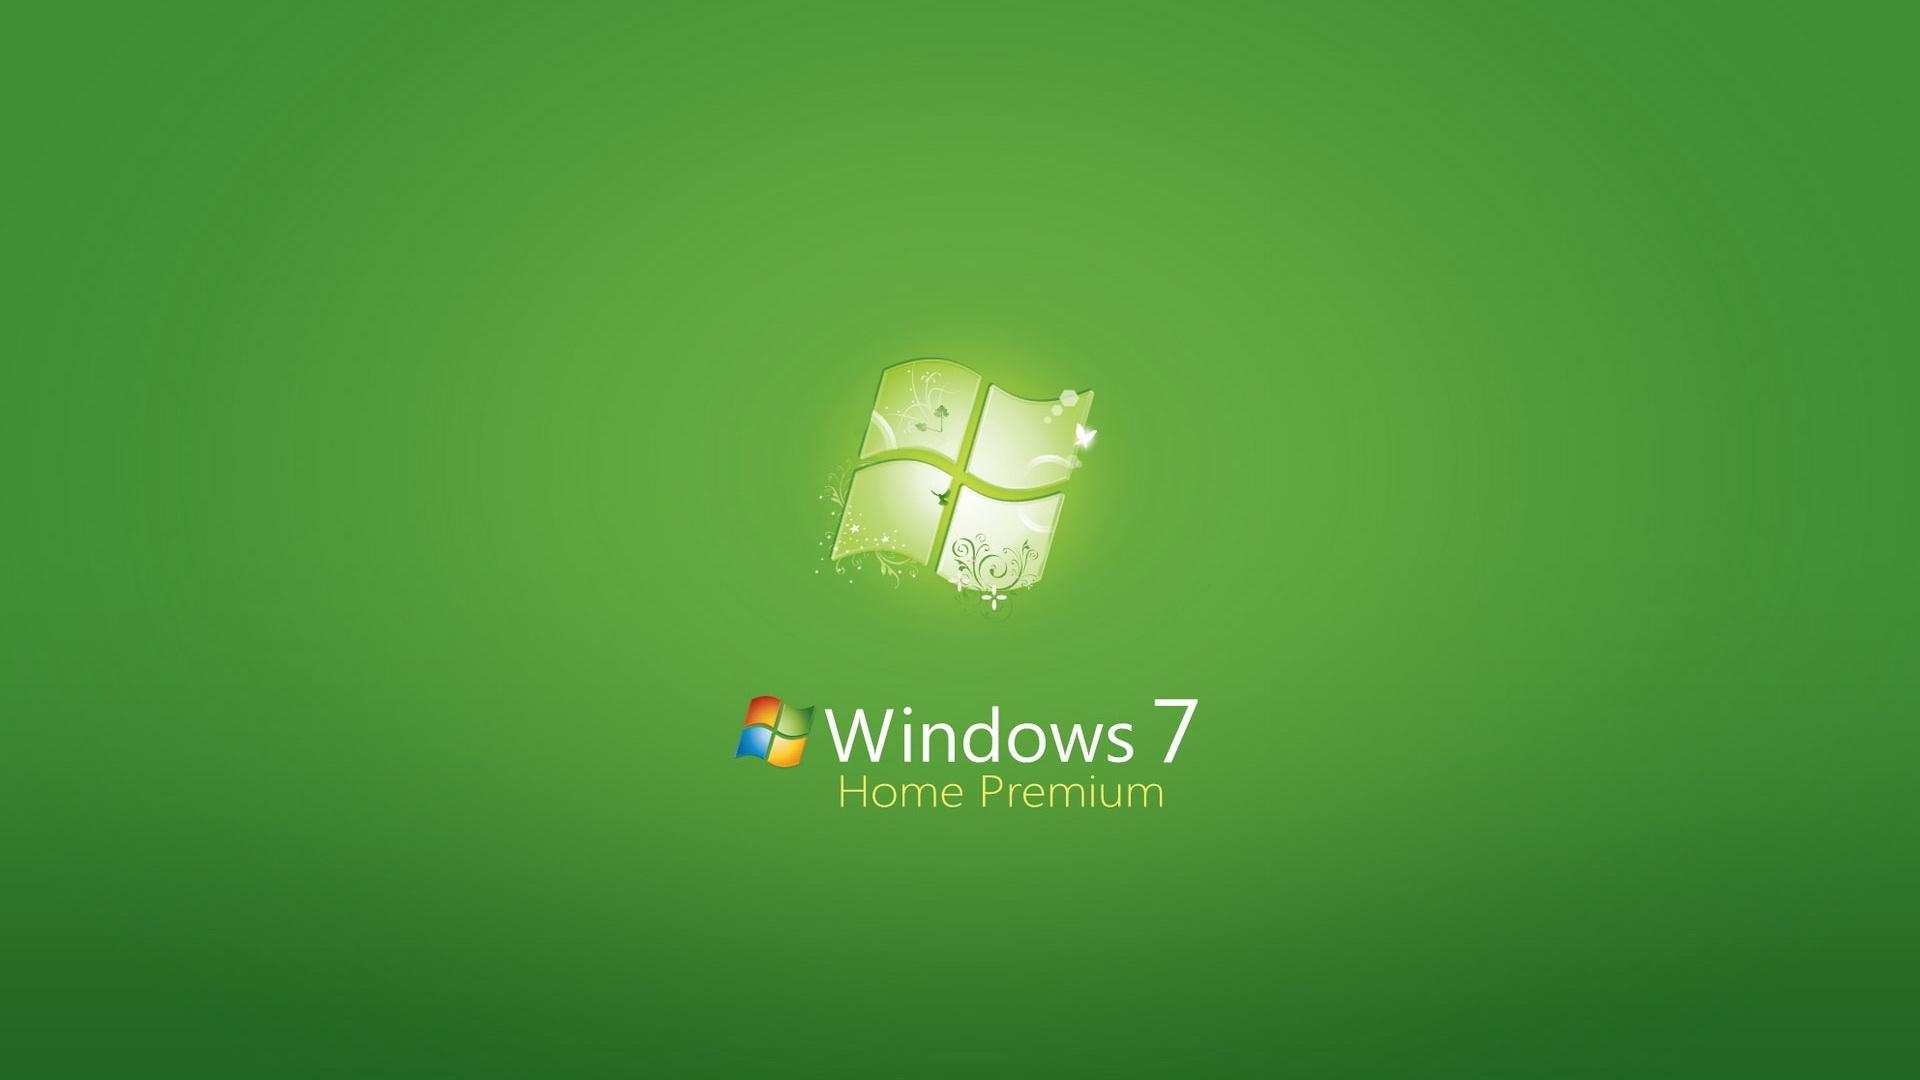 Восстановление стандартного анимированного экрана загрузки Windows 7